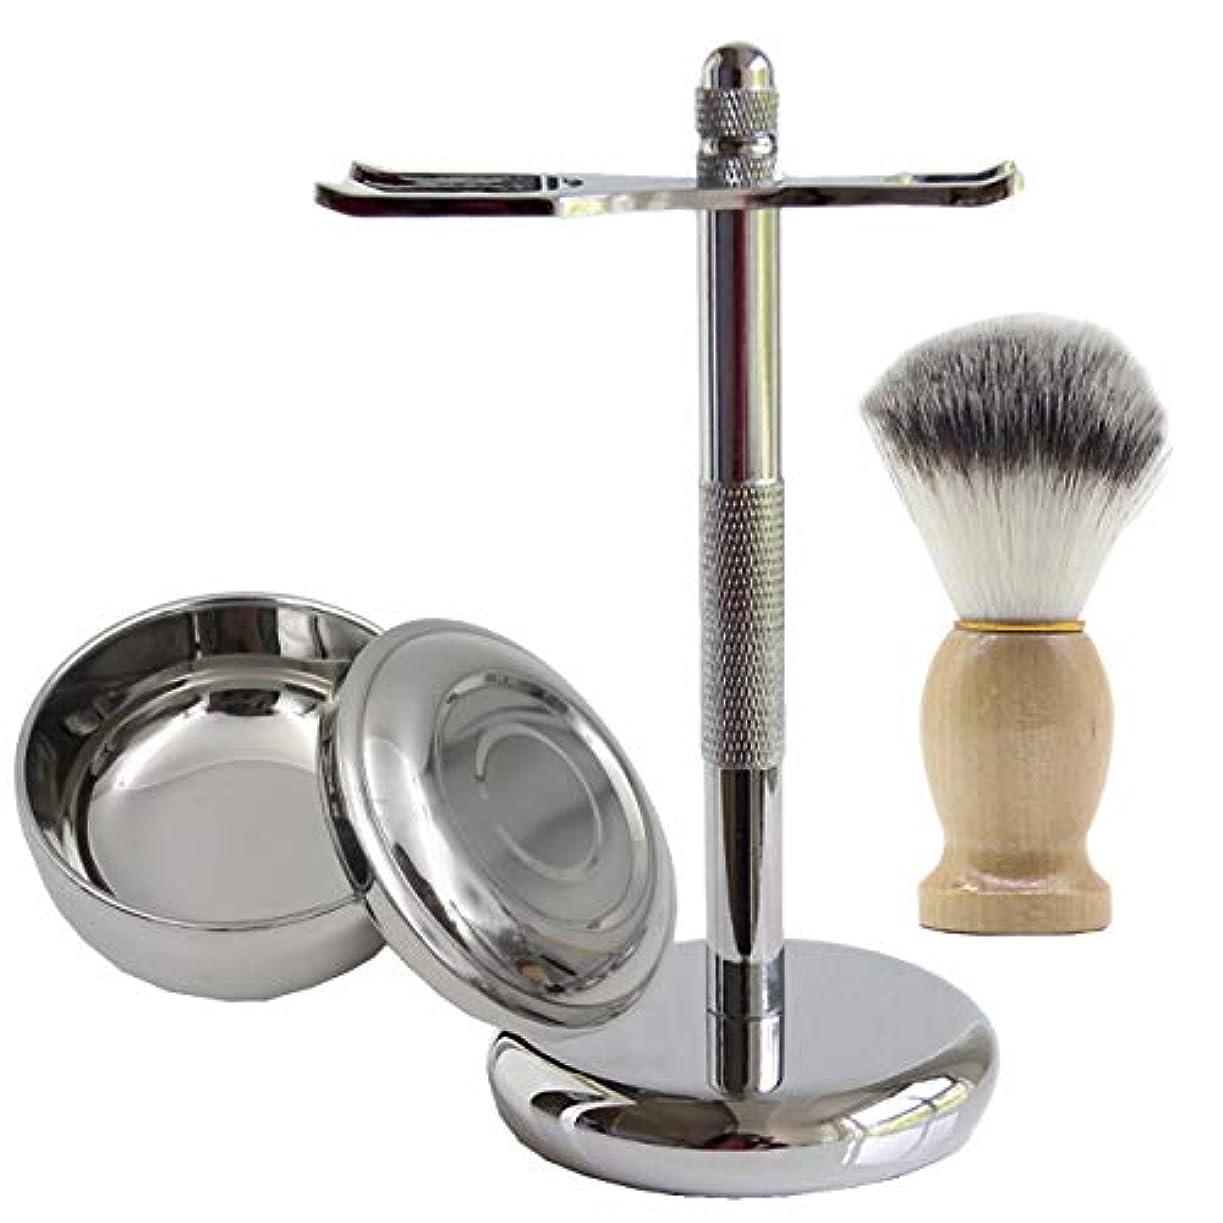 祝福するデンマークサミットフェリモア シェービングブラシセット ひげブラシ ブラシスタンド ボウル 髭剃り 泡立ち 理容 (3点セット)